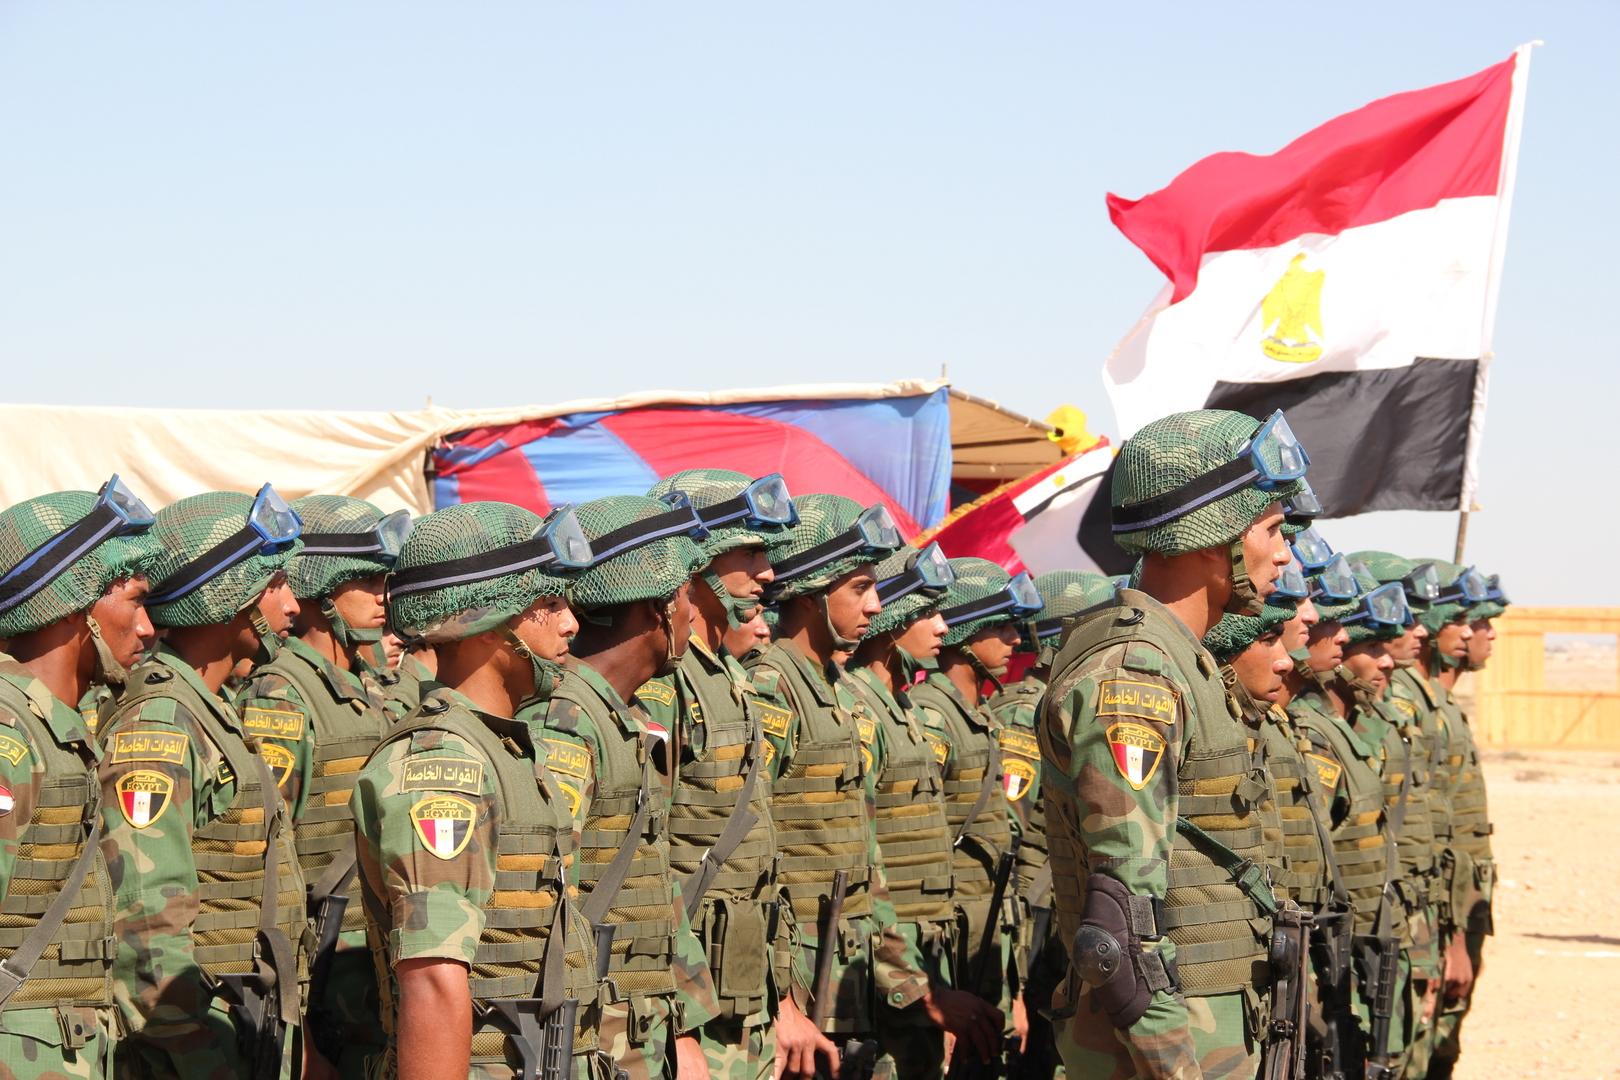 مصر.. لجنة الدفاع والأمن القومي توافق على قانون جديد يخص الجيش حال تعرض البلاد للخطر